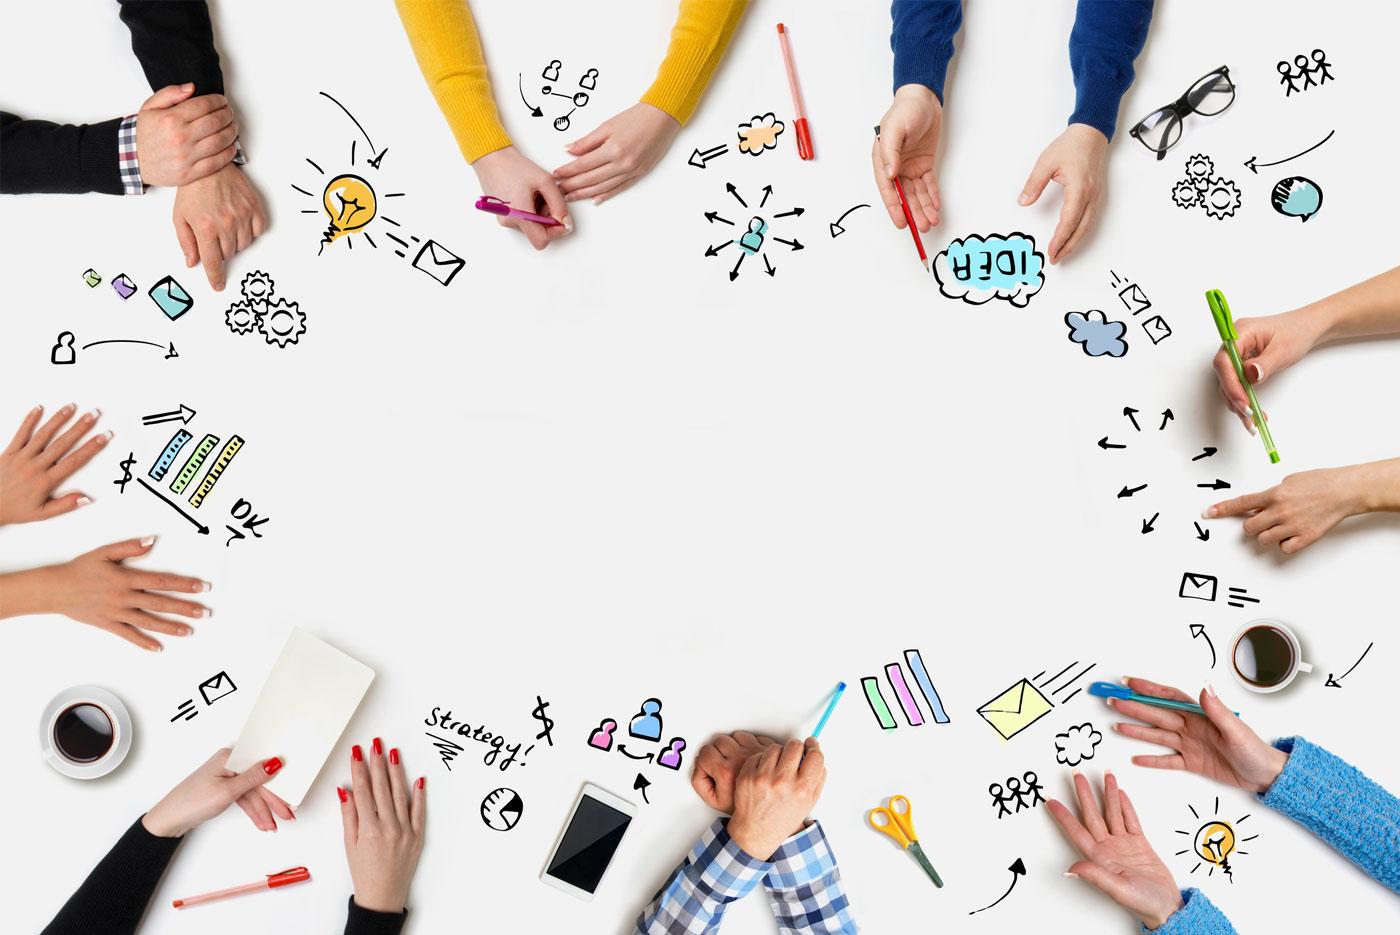 5 princípios da inovação: Como iniciamos os processos inovadores